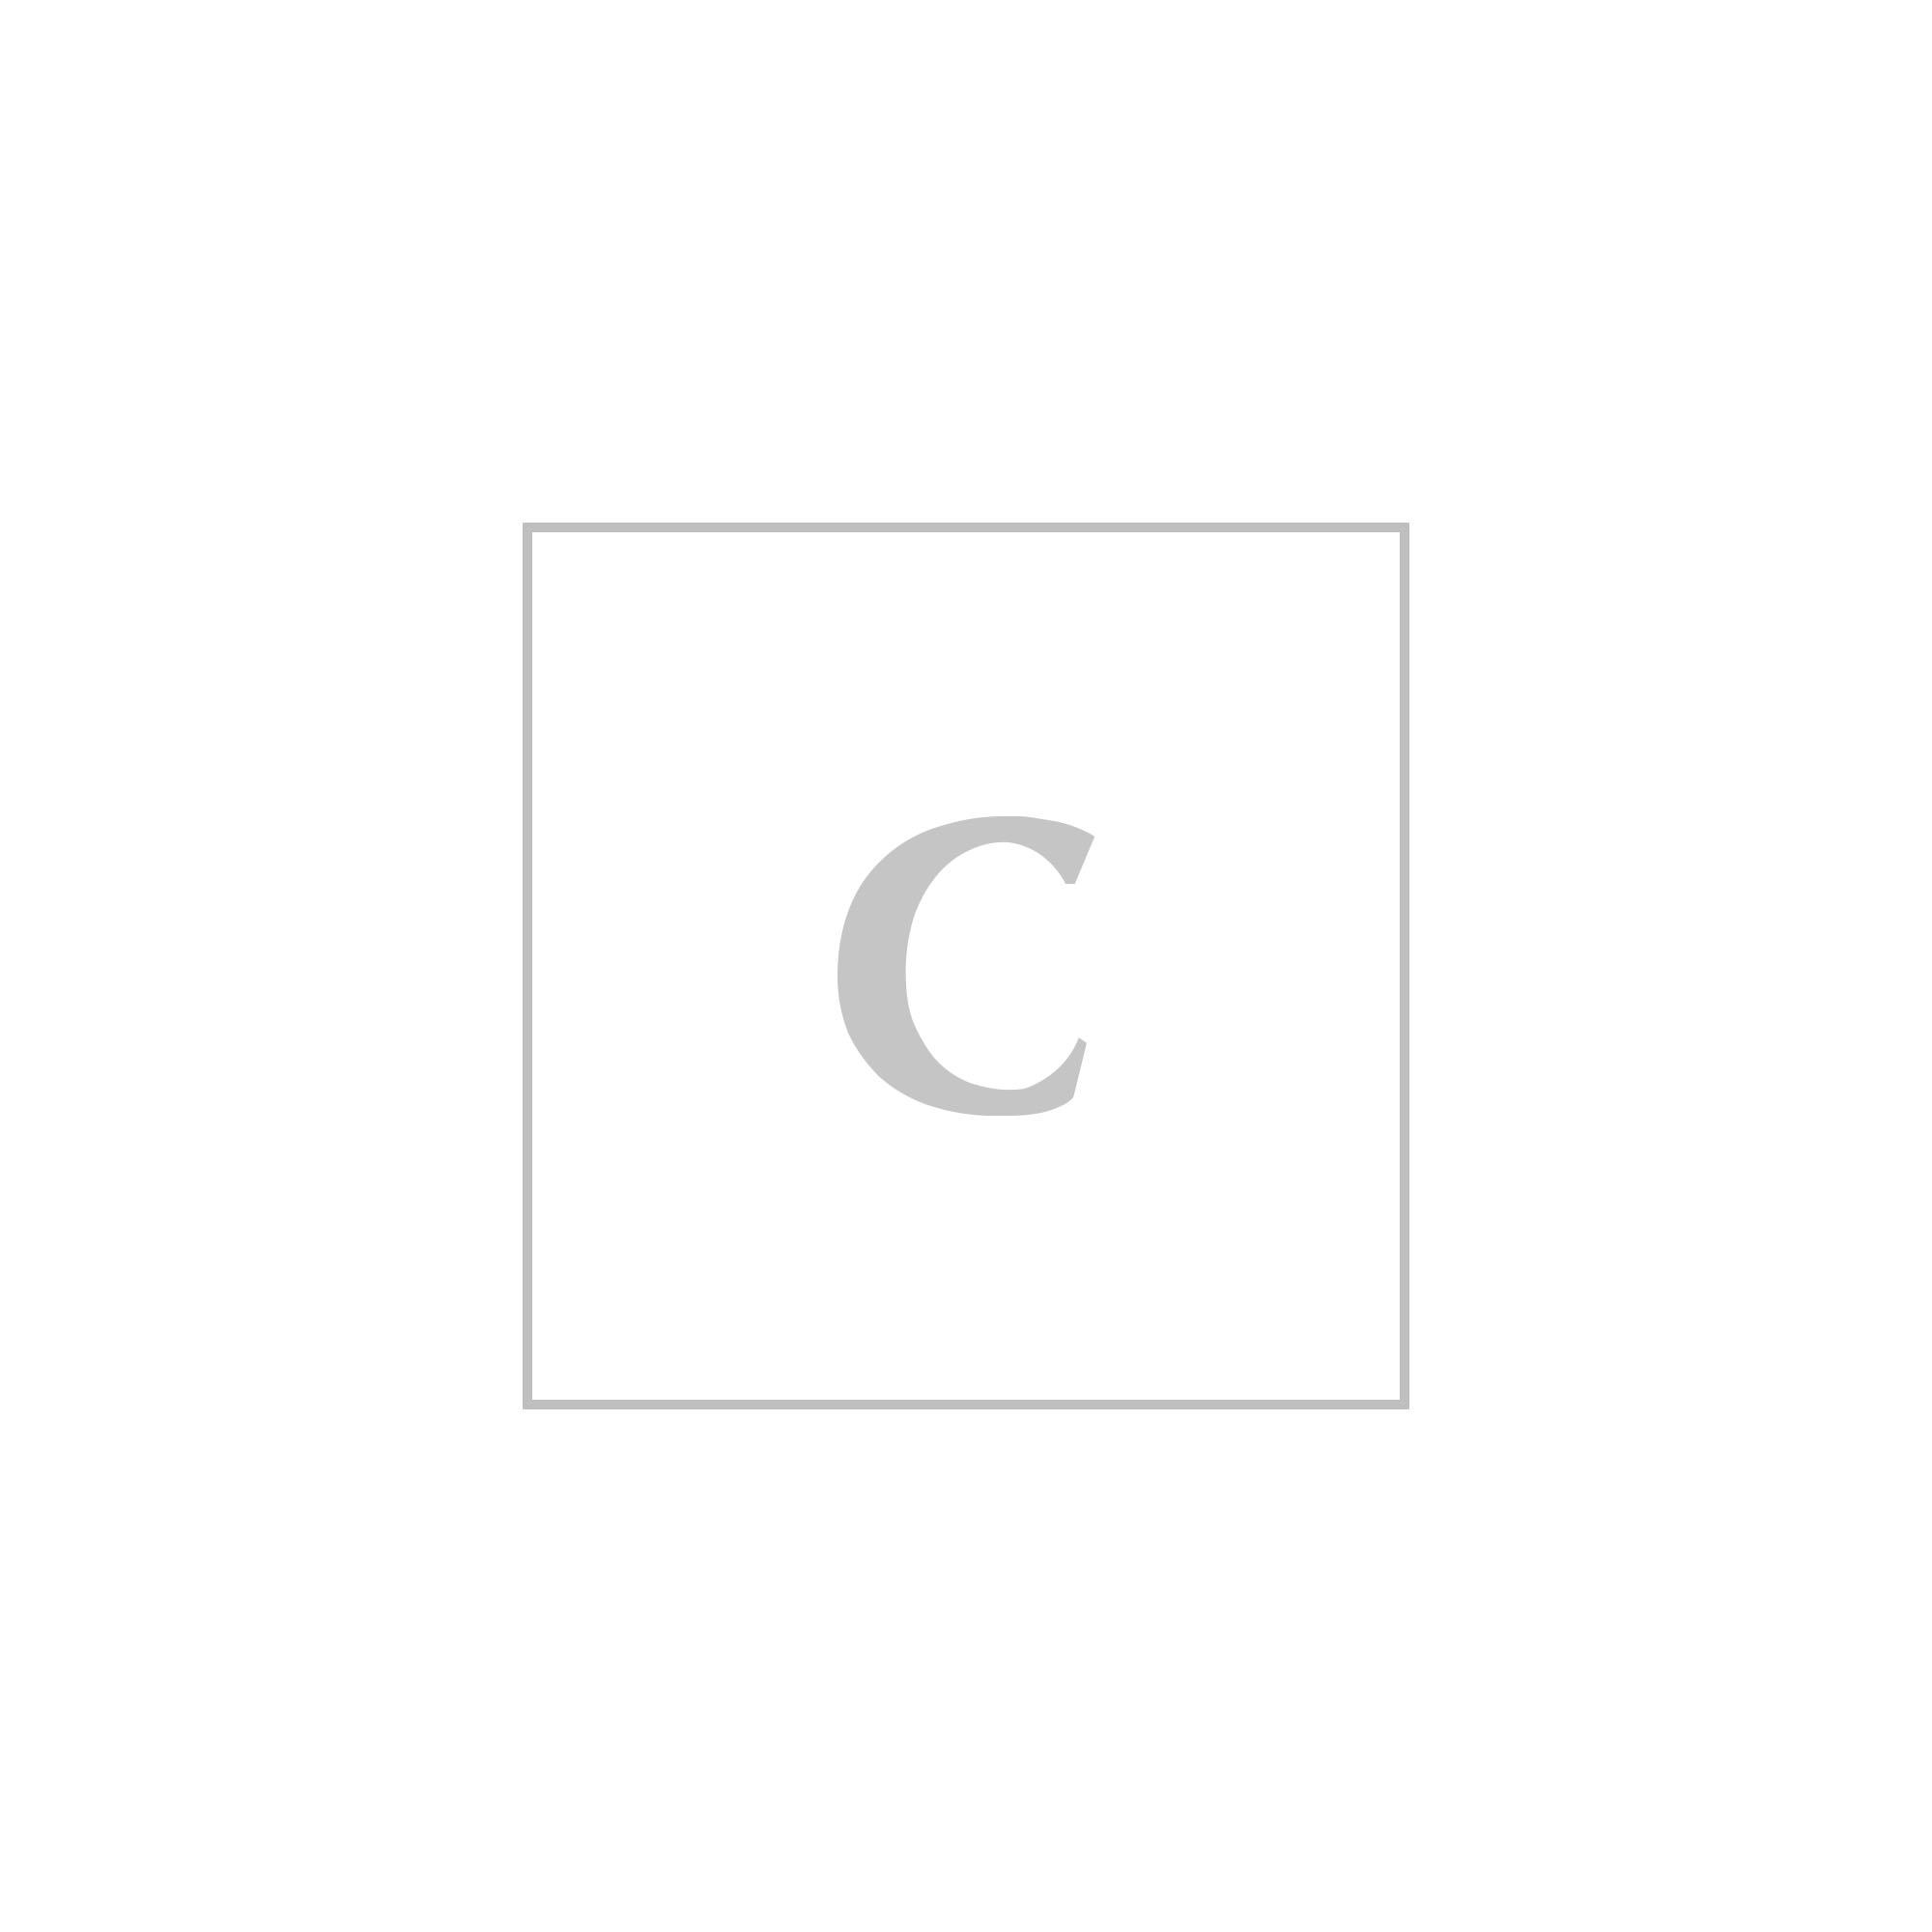 prada accessori uomo portafoglio saffiano bicolor